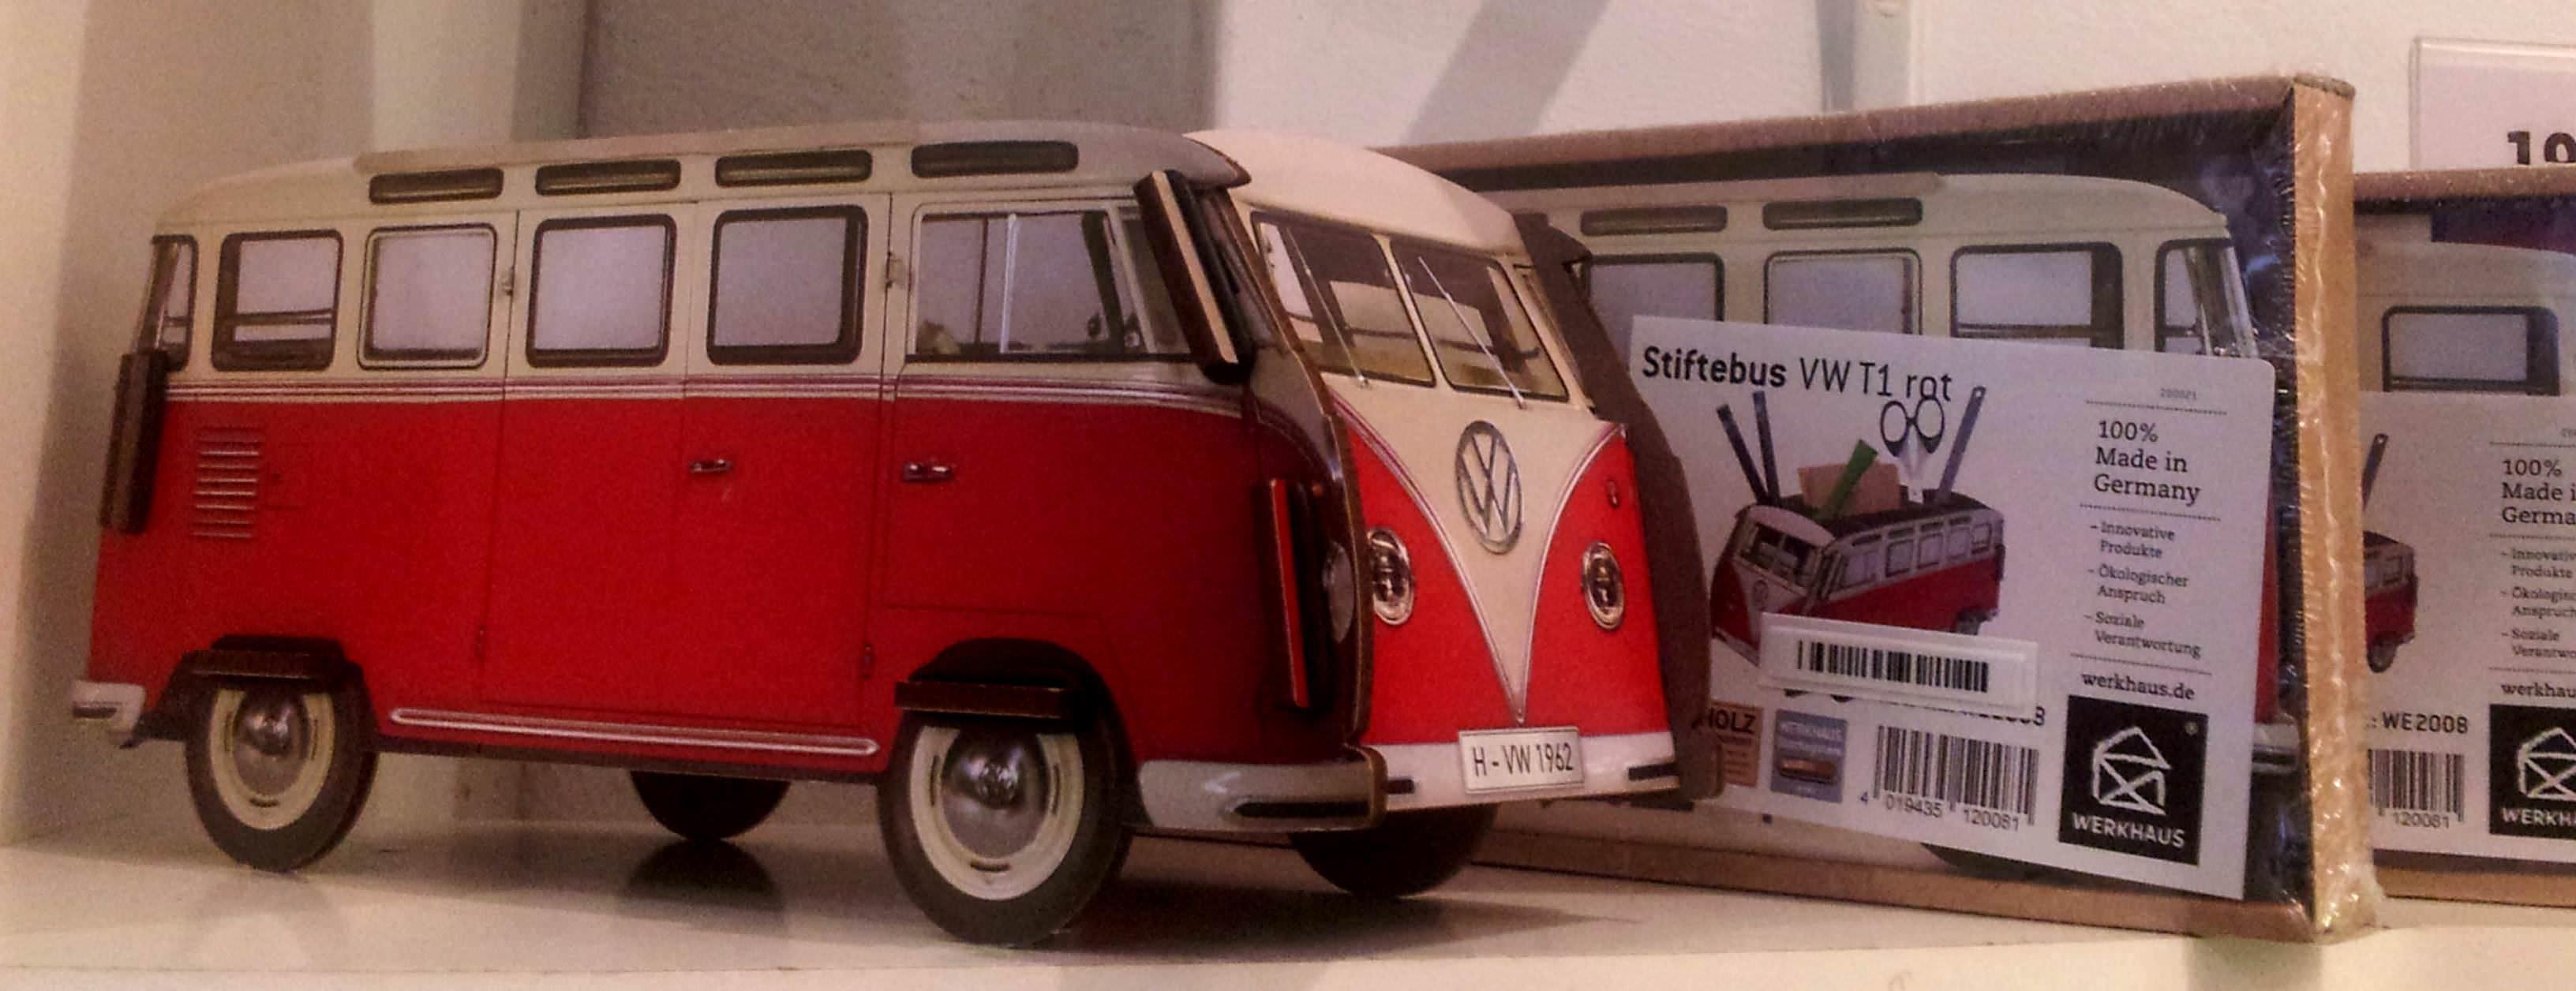 Organizador de Escritorio Furgoneta Volkswagen de Werkhaus